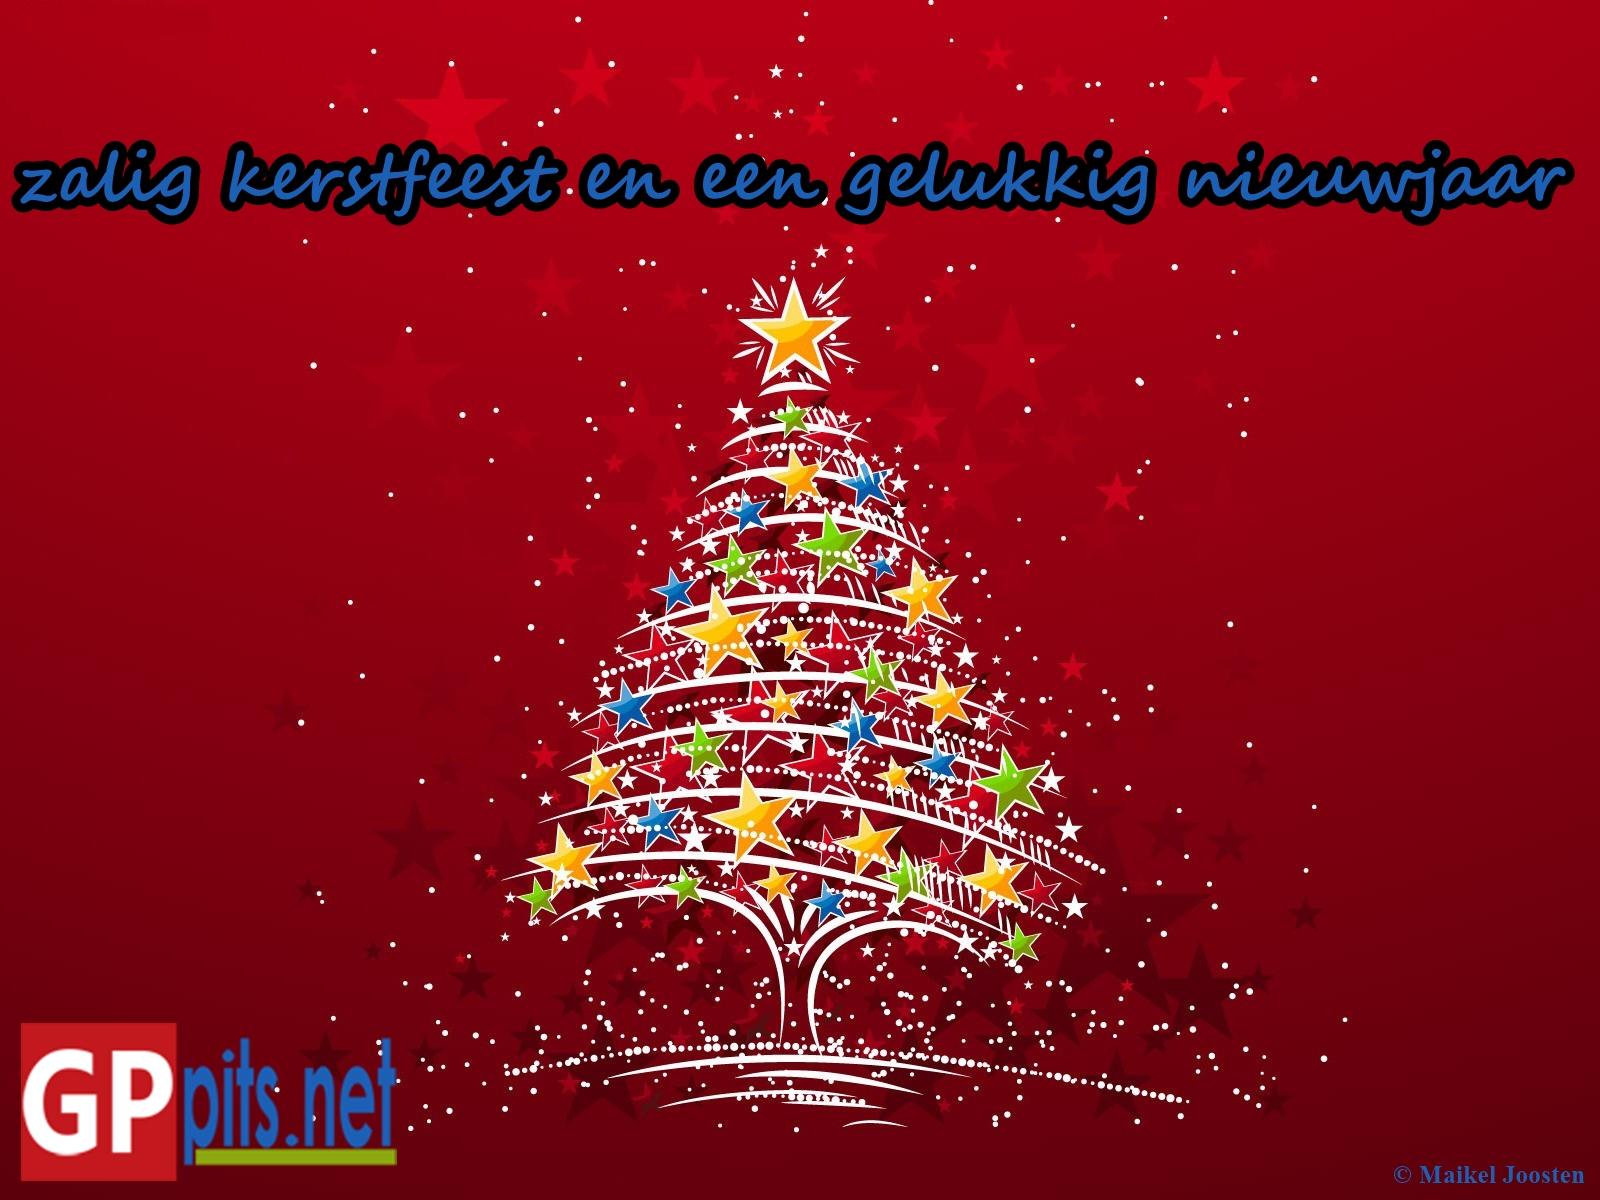 Zalig Kerstfeest En Een Gelukkig Nieuwjaar F1 Pits Mobile